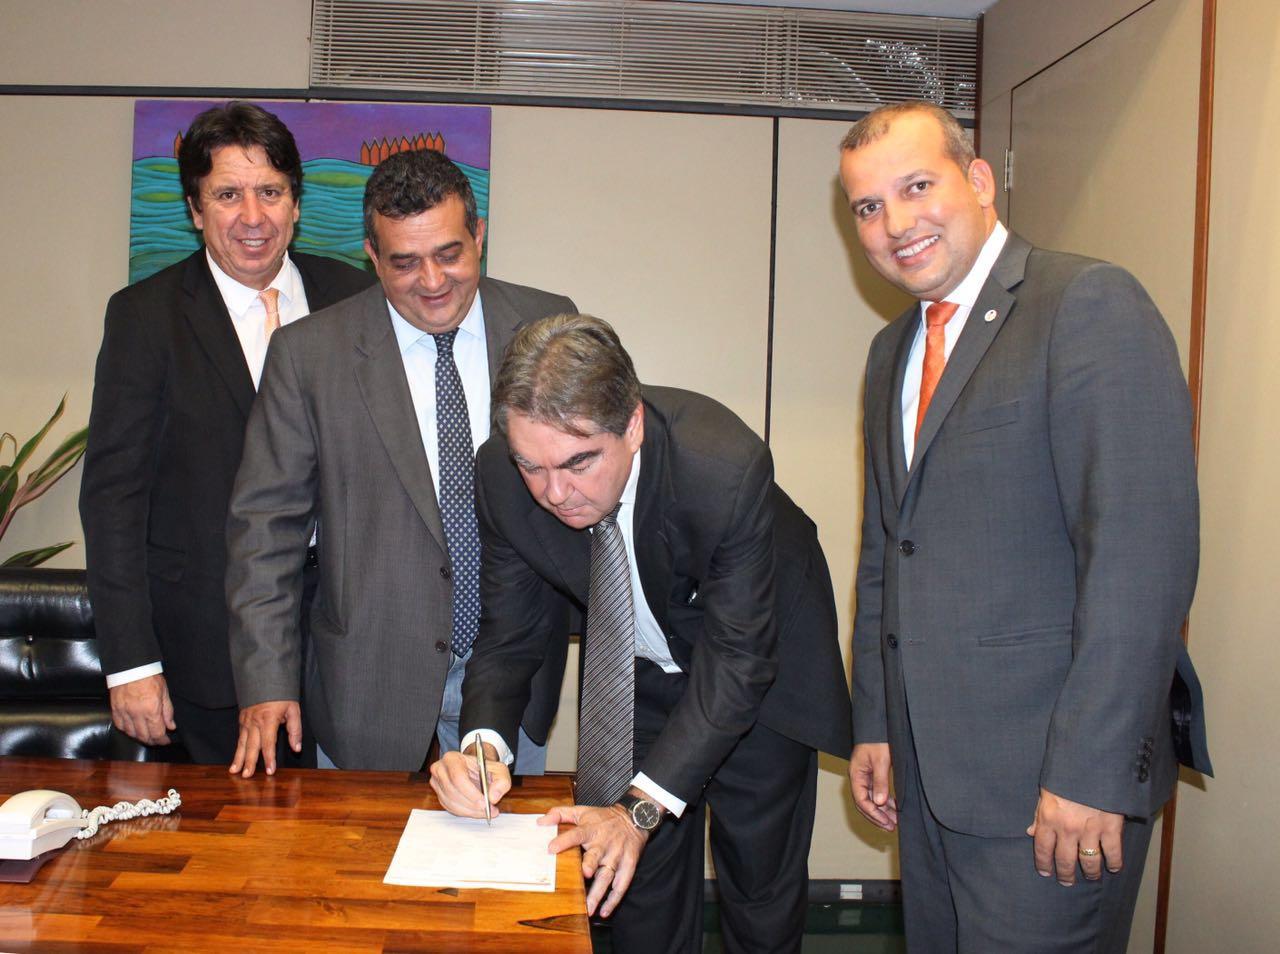 Lindolfo desconhece articulação da Nacional para entregar comando do Pros a Trócolli